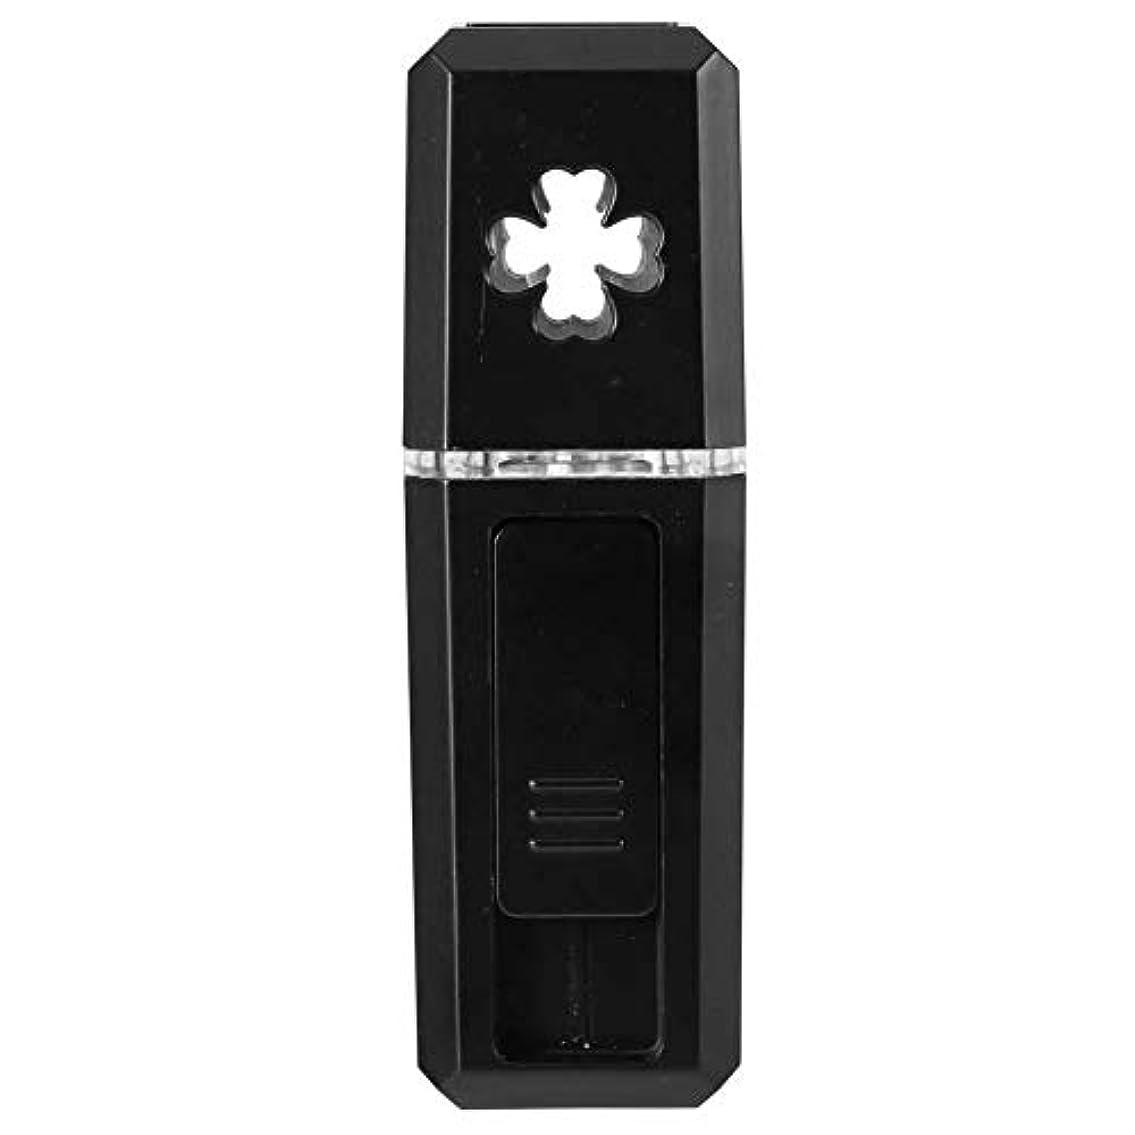 バウンス誠実ガス20ml口紅サイズミスト噴霧器、USB充電で保湿する便利なナノ噴霧機(02)